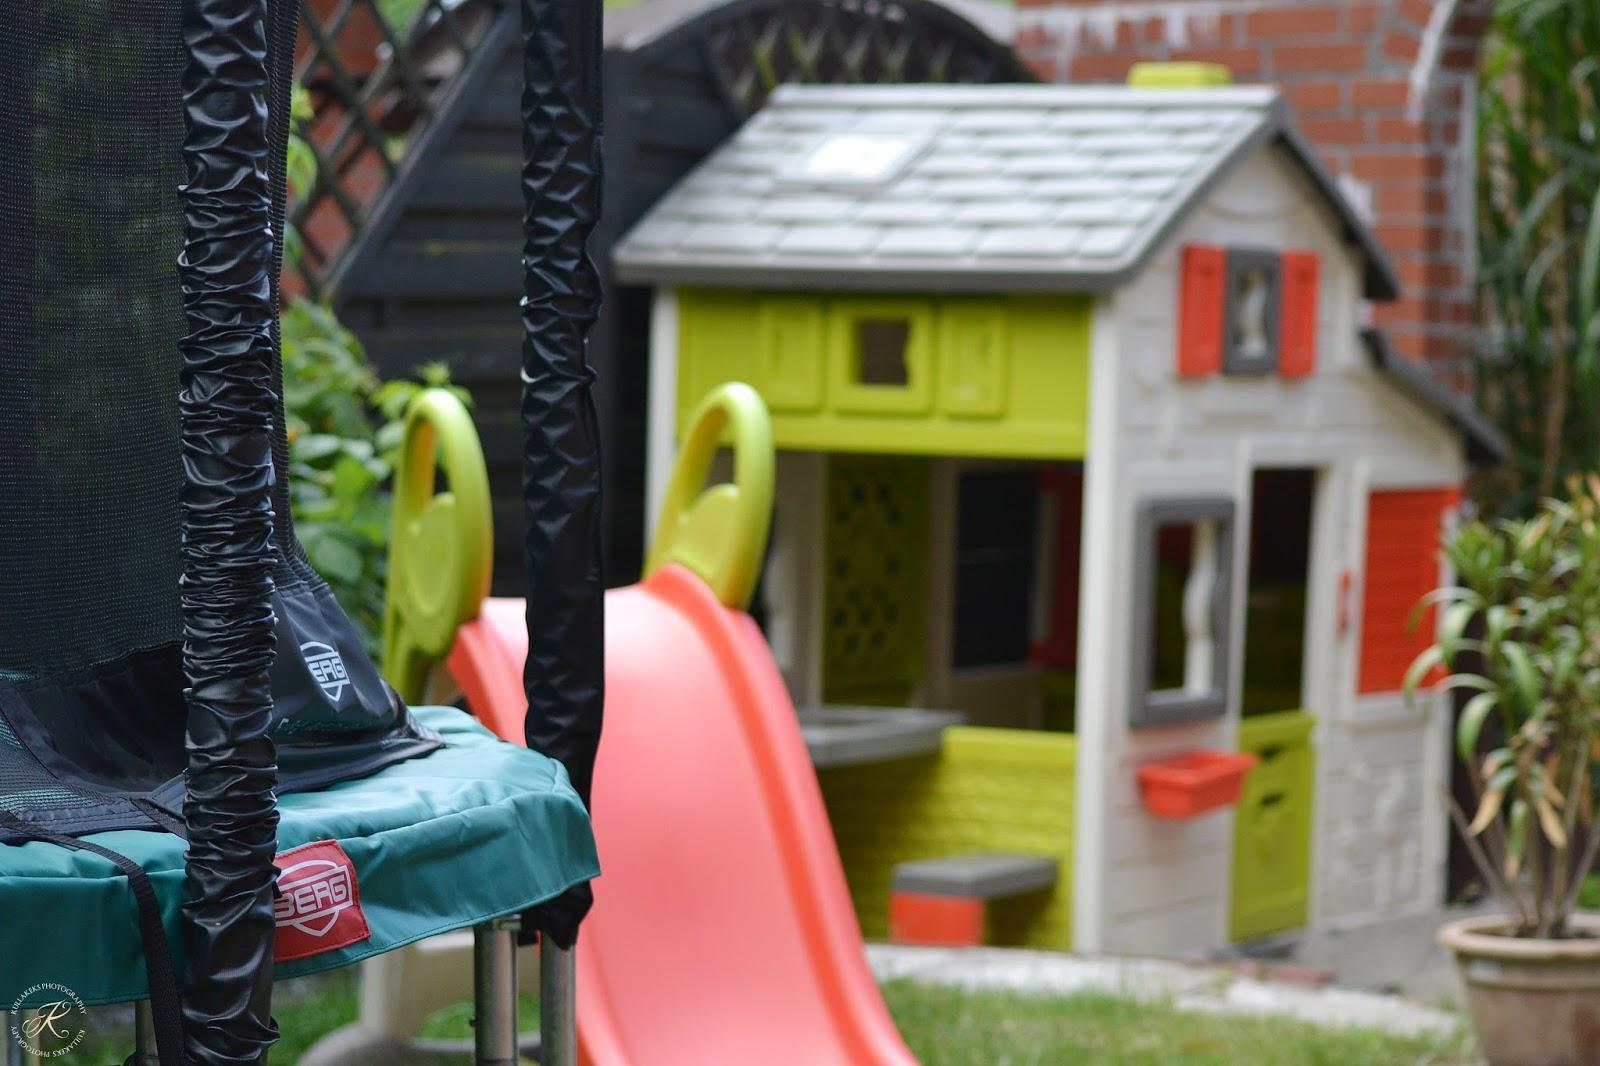 Klettergerüst Kleiner Garten : Leben willkommen in unserem kleinen garten kullakeks